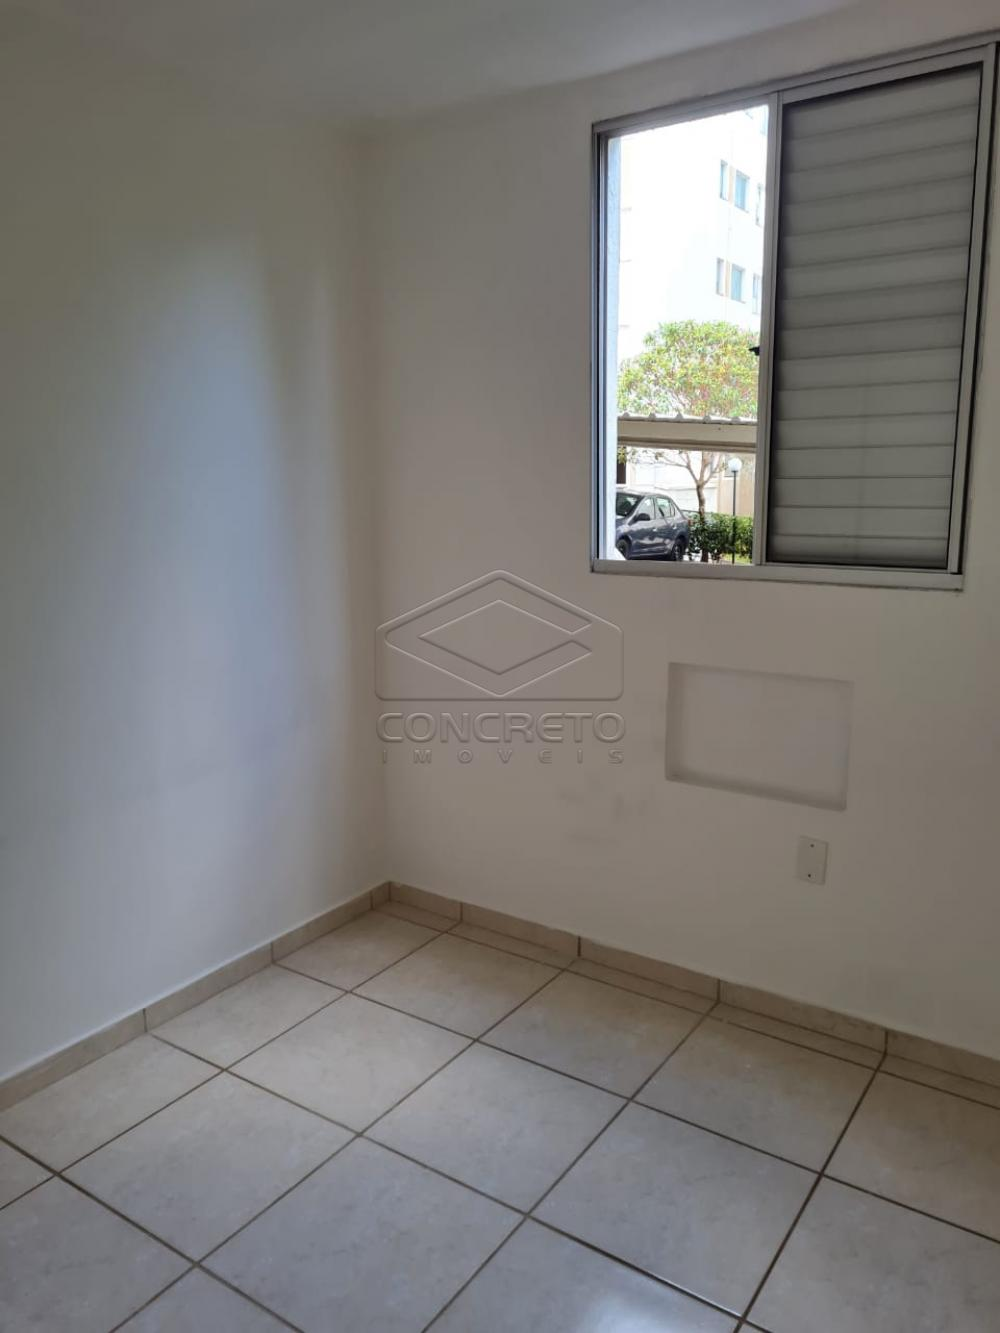 Alugar Apartamento / Padrão em Bauru apenas R$ 650,00 - Foto 9